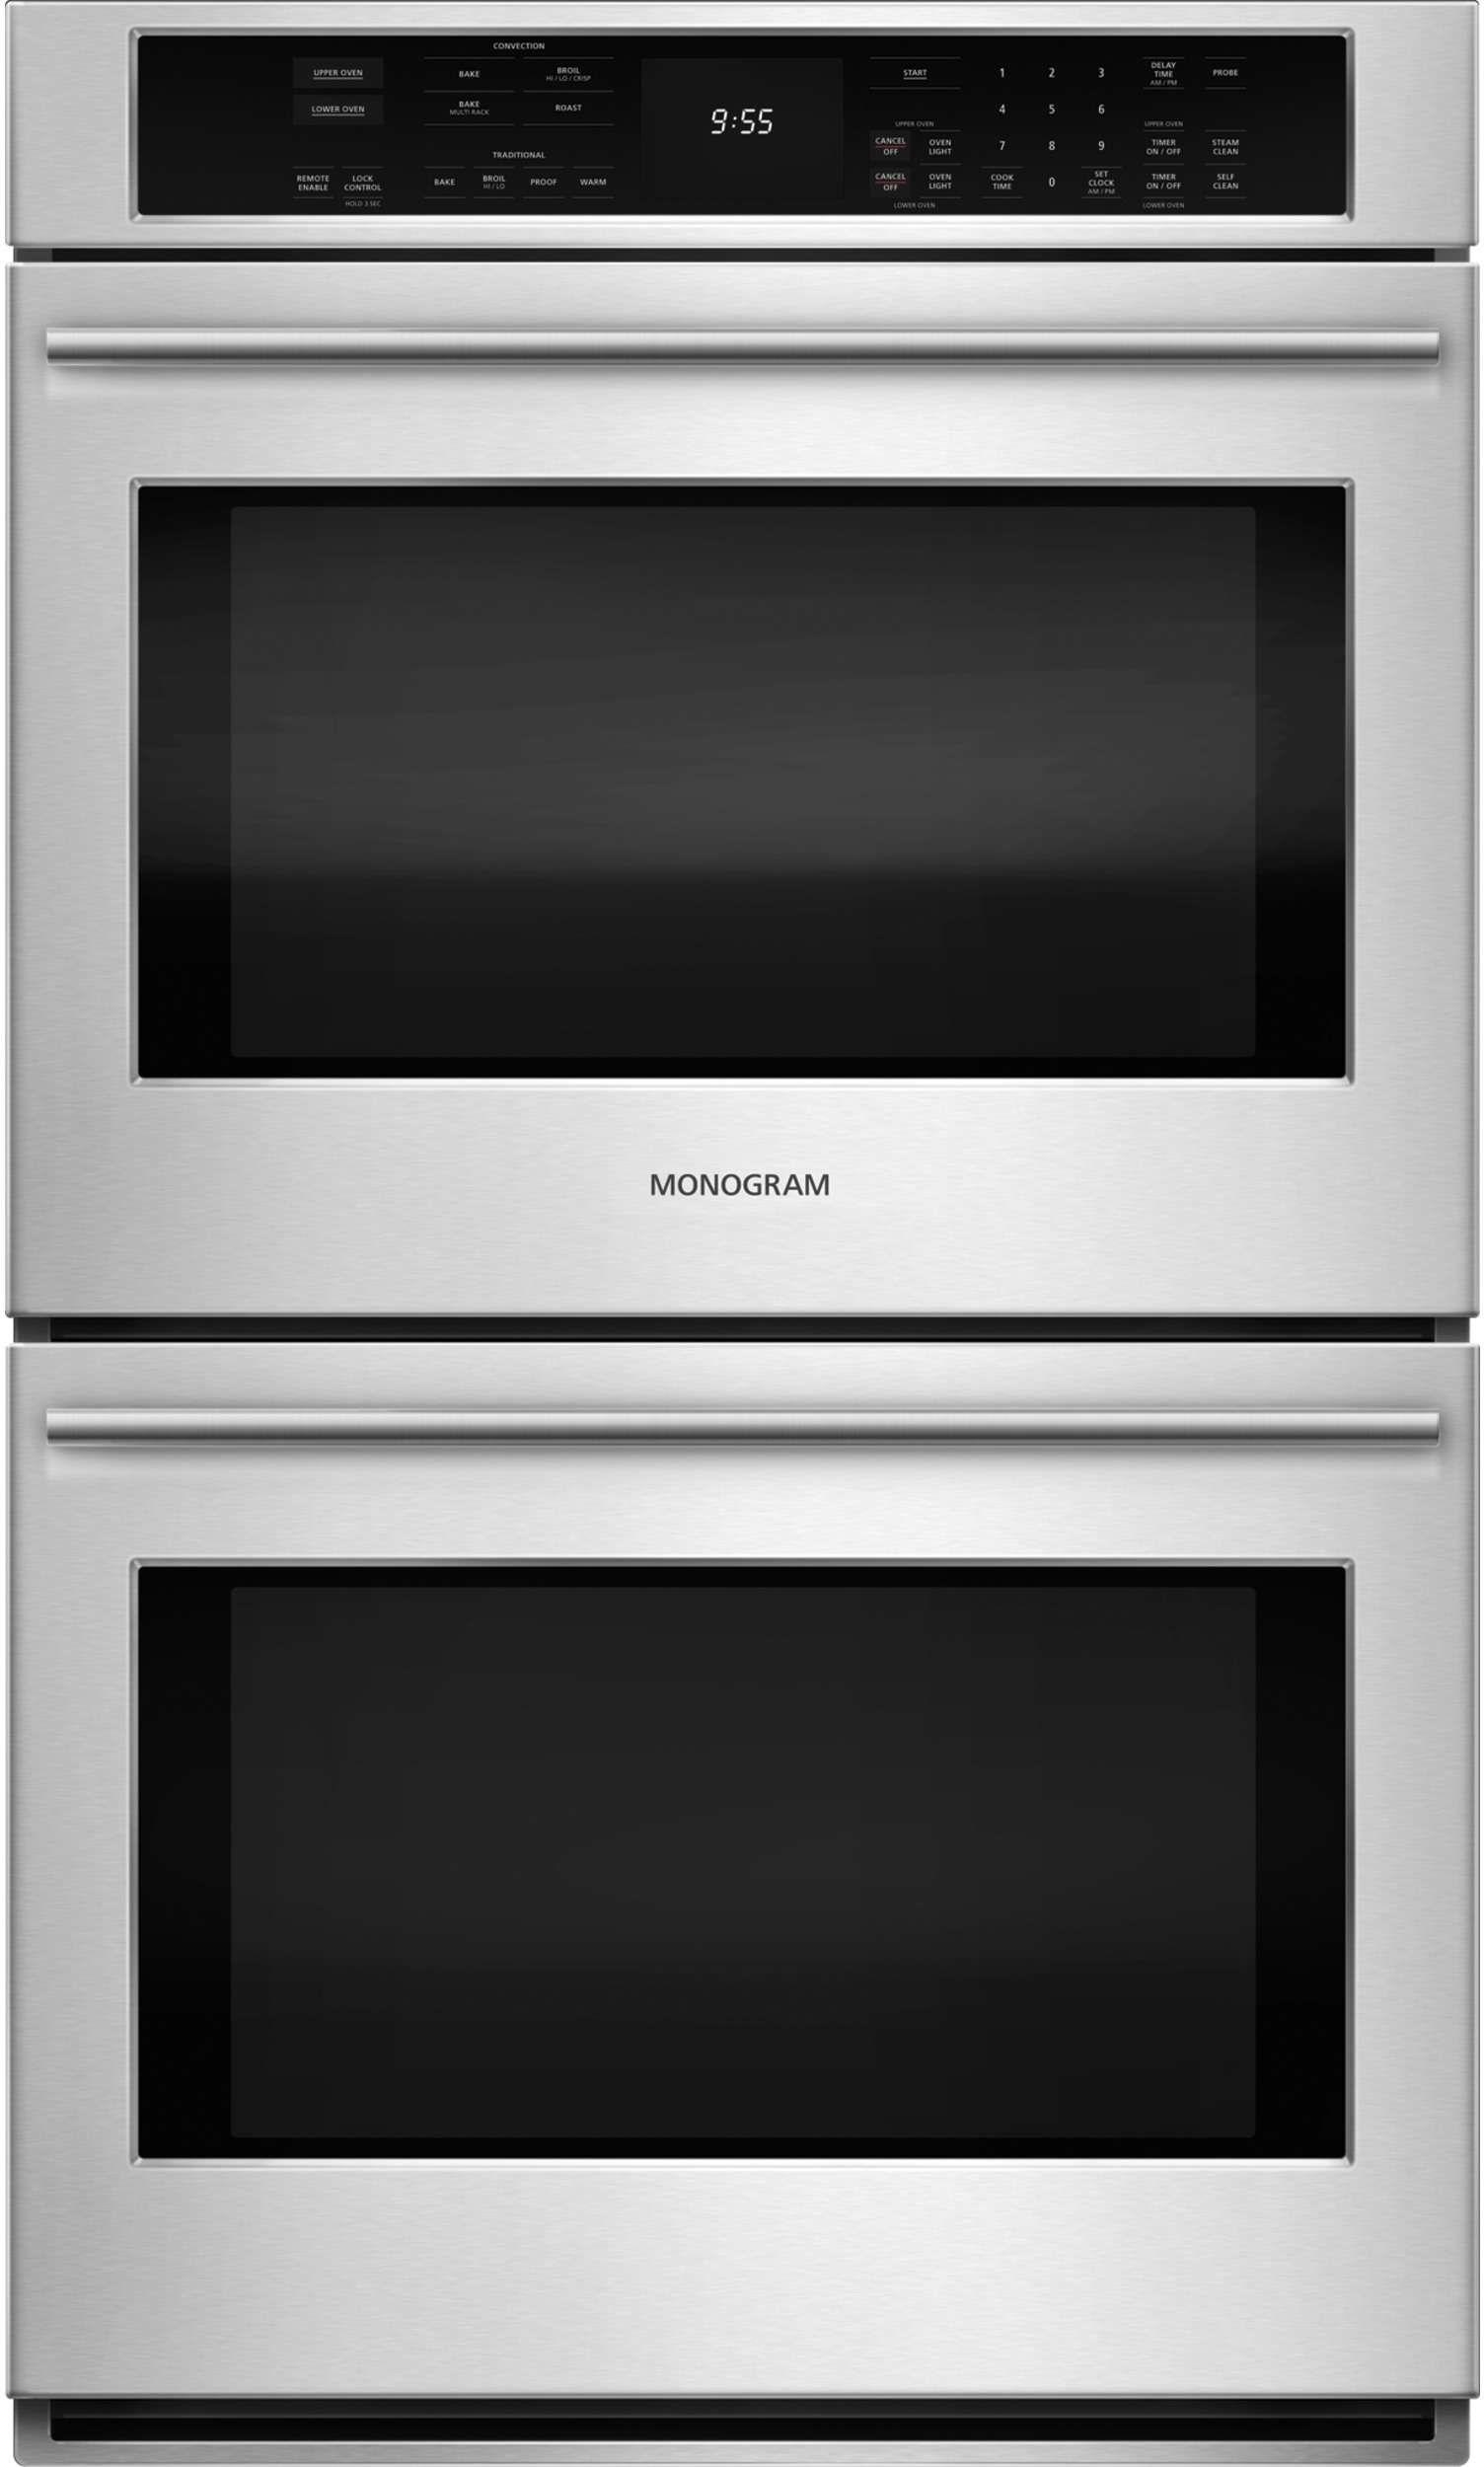 Ge Monogram Zet9550shss 30 Double Wall Oven Appliance Connection Double Electric Wall Oven Electric Wall Oven Wall Oven